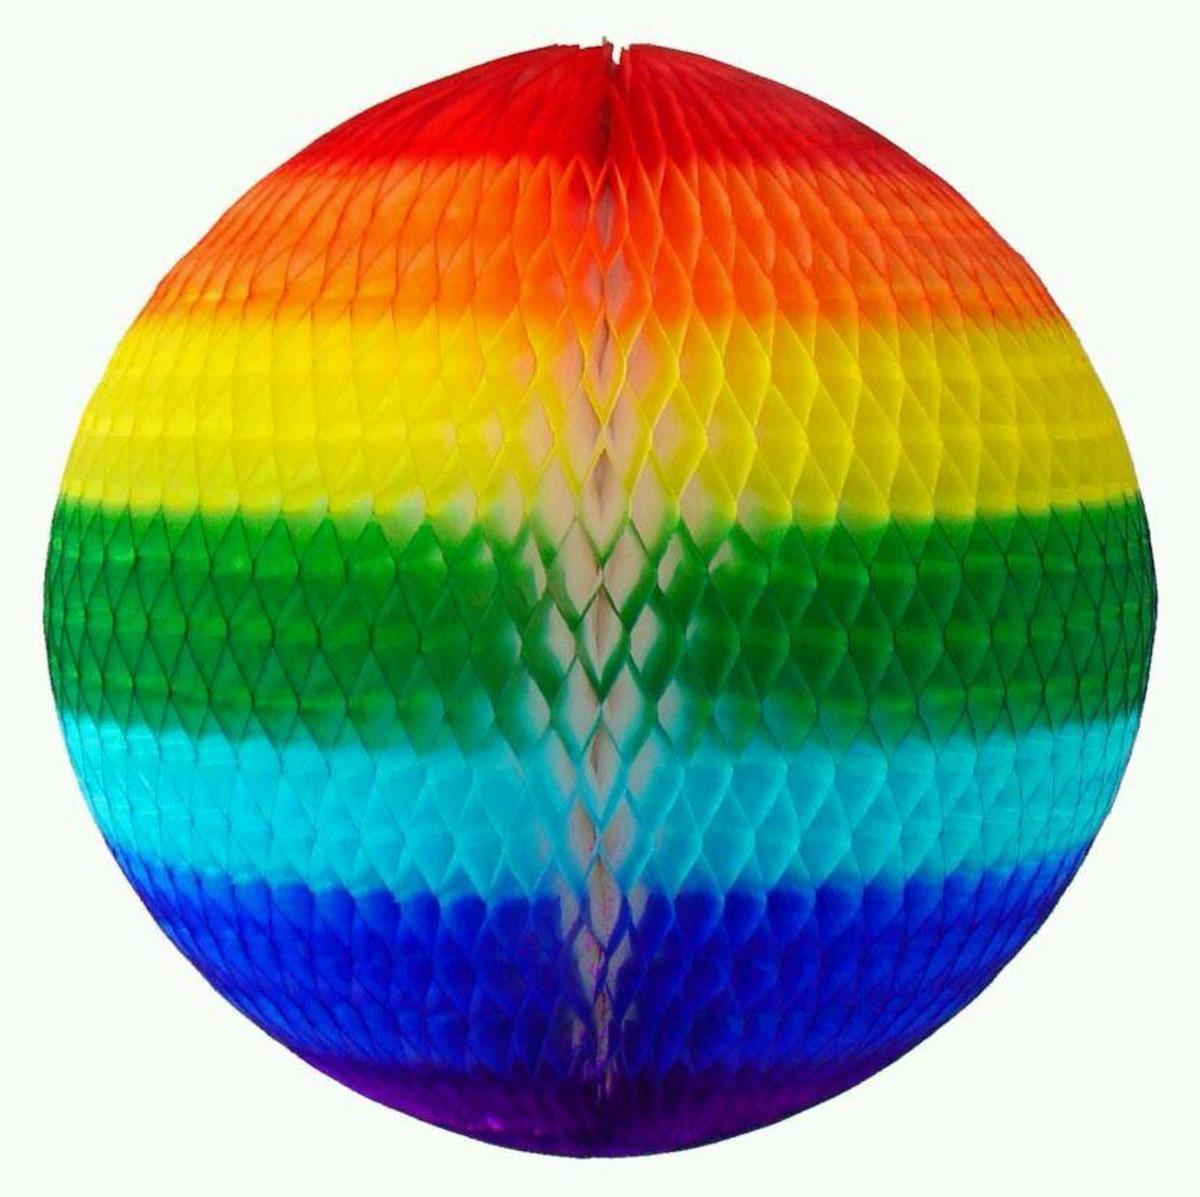 GLOBO 48 cm Arco Iris decoração festa junina com bolas no Elo7 | GiroToy  Enfeites (D6840E)